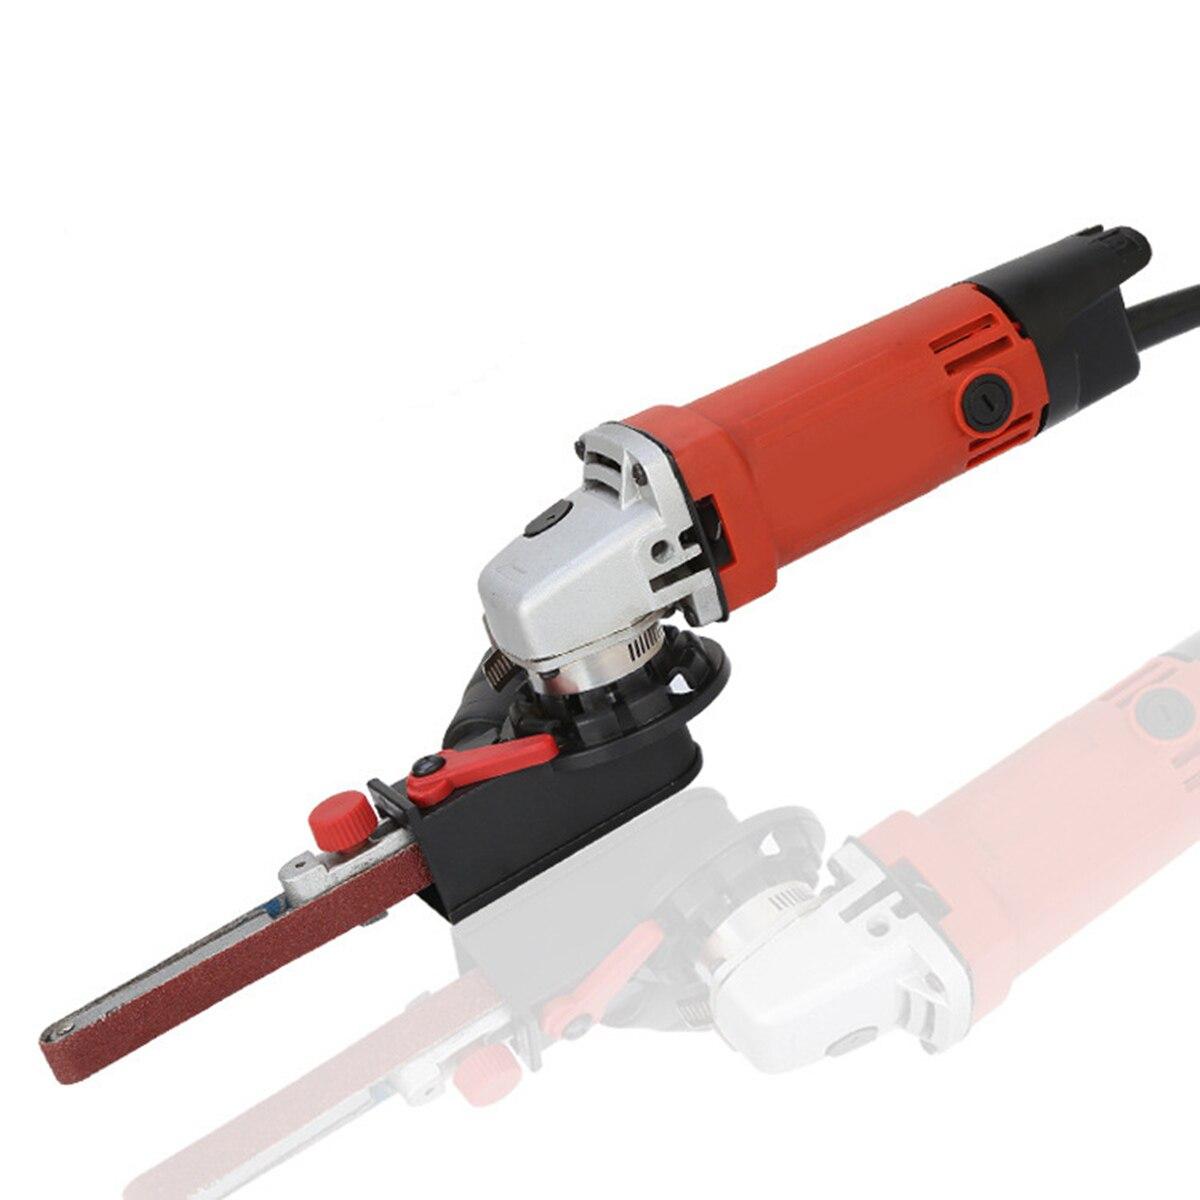 DIY Sander Sanding Belt Adapter For 115/125 Electric Angle GrinderM14 Woodworking Metalwork